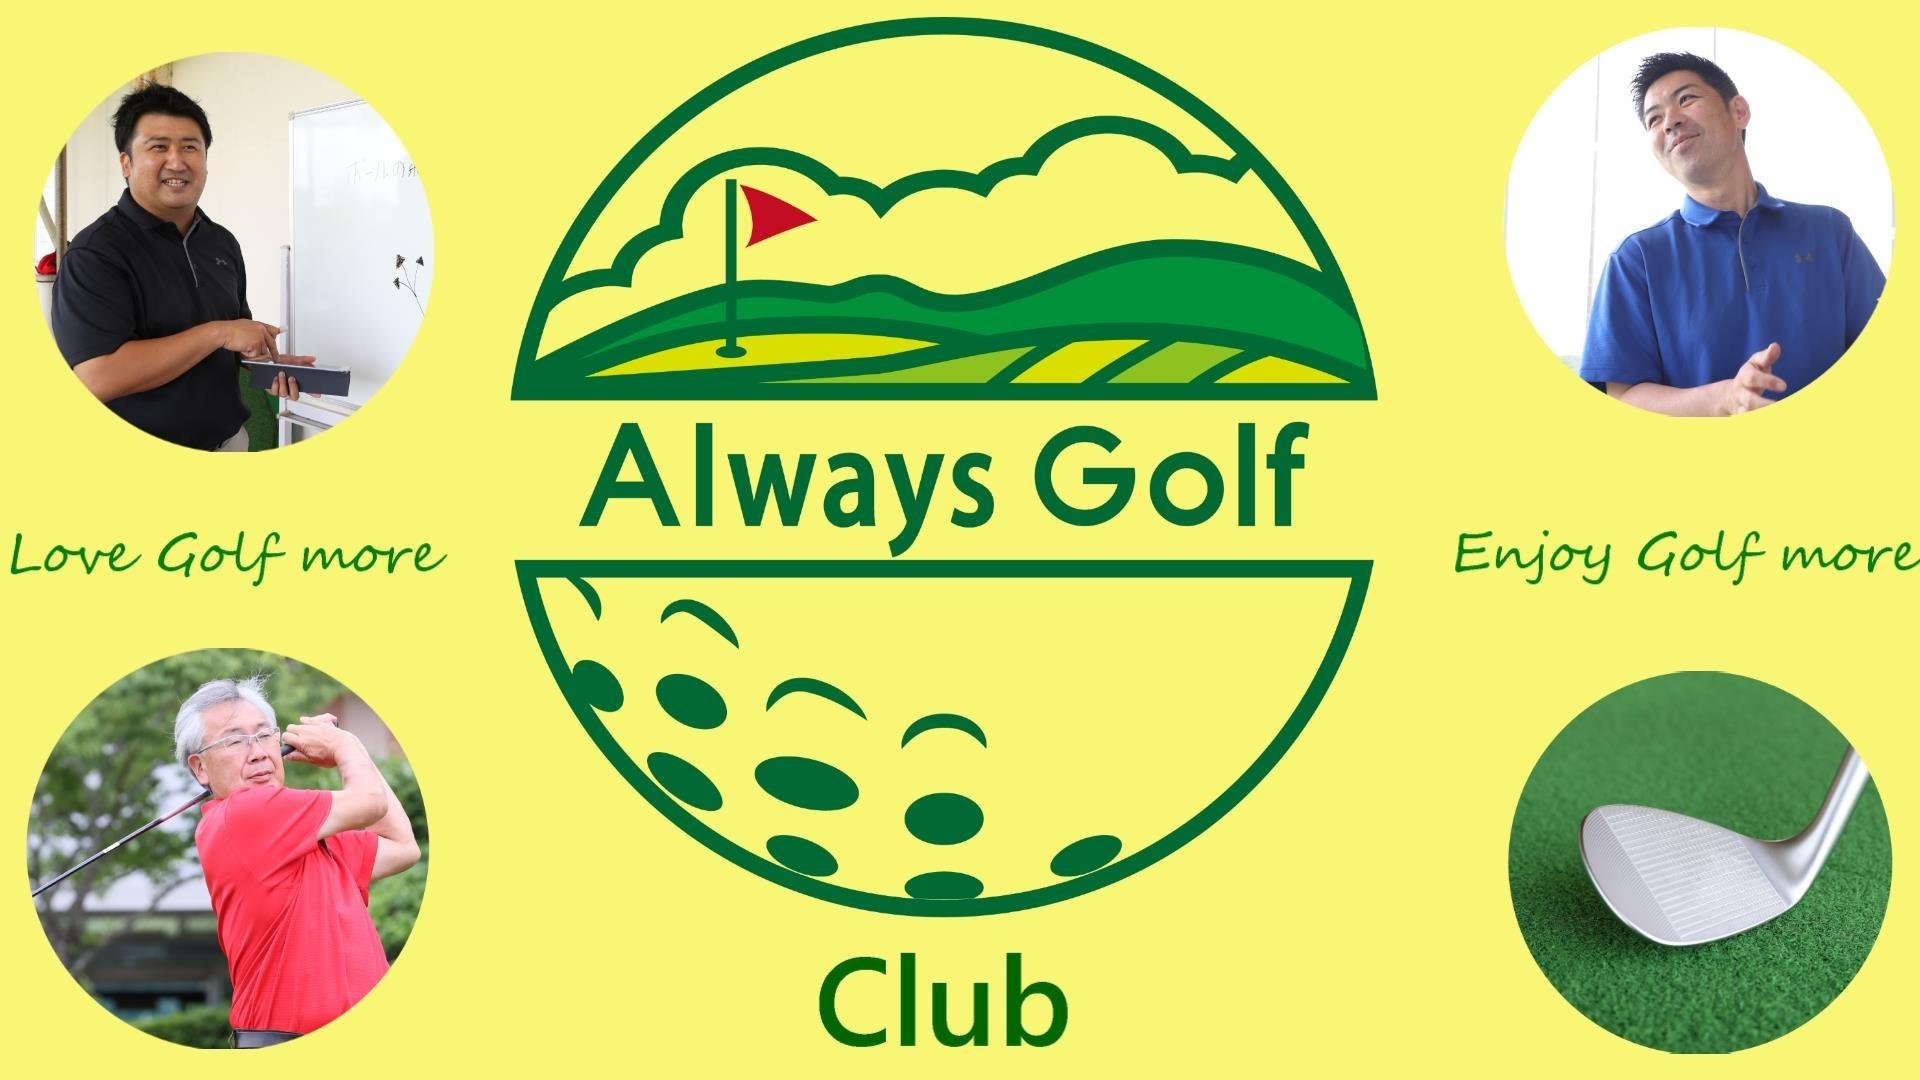 Always Golf Club